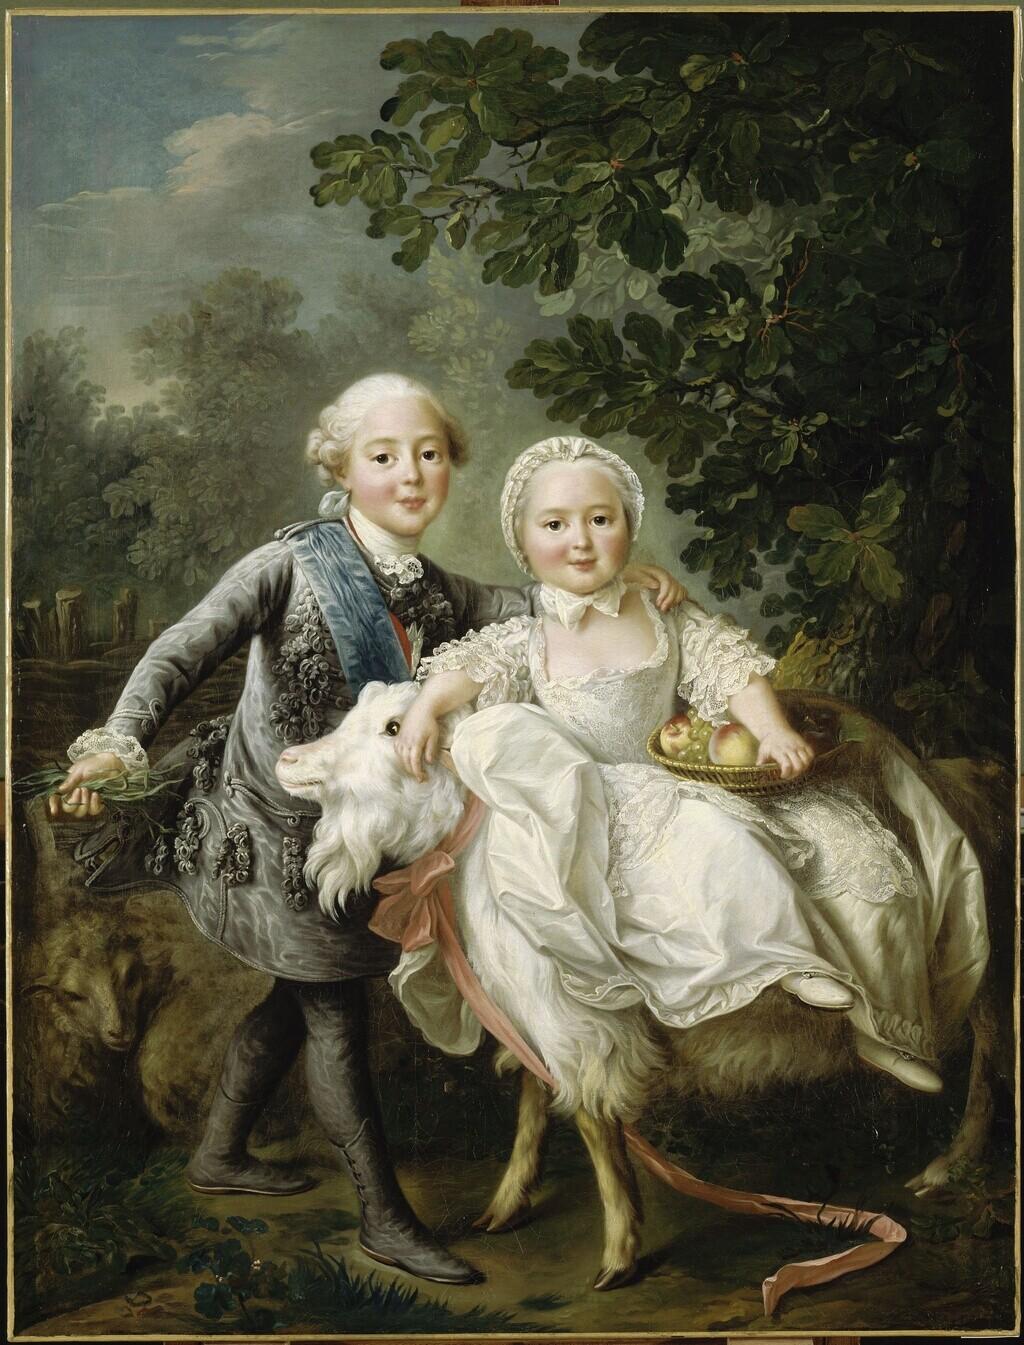 Les Drouais, artistes peintres de père en fils : Jean, Hubert, François-Hubert et Jean-Germain Drouais Drouai23